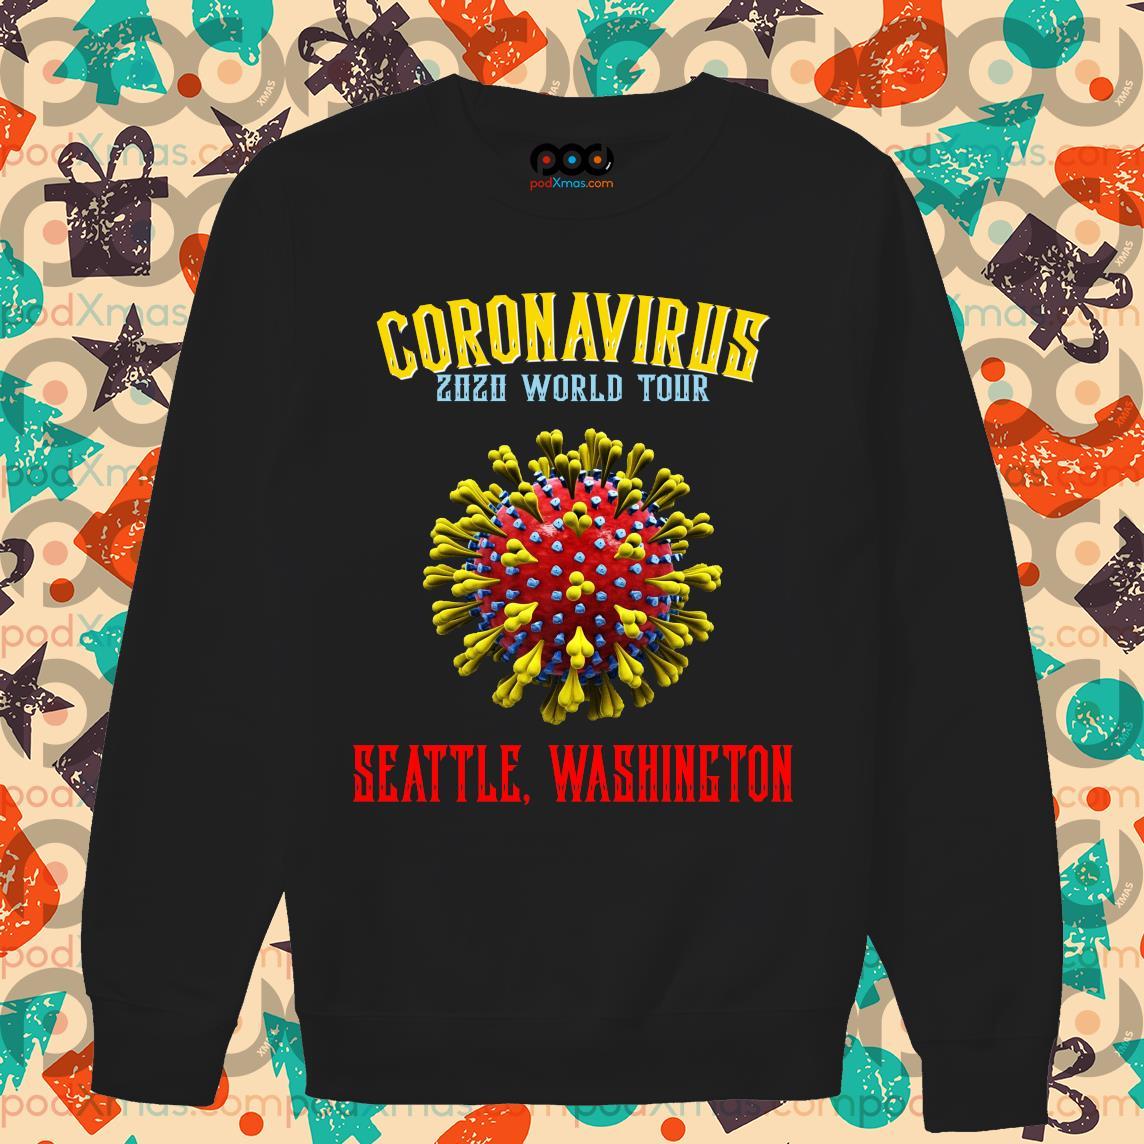 Coronavirus 2020 world tour seattle Washington s Sweater PODxmas den